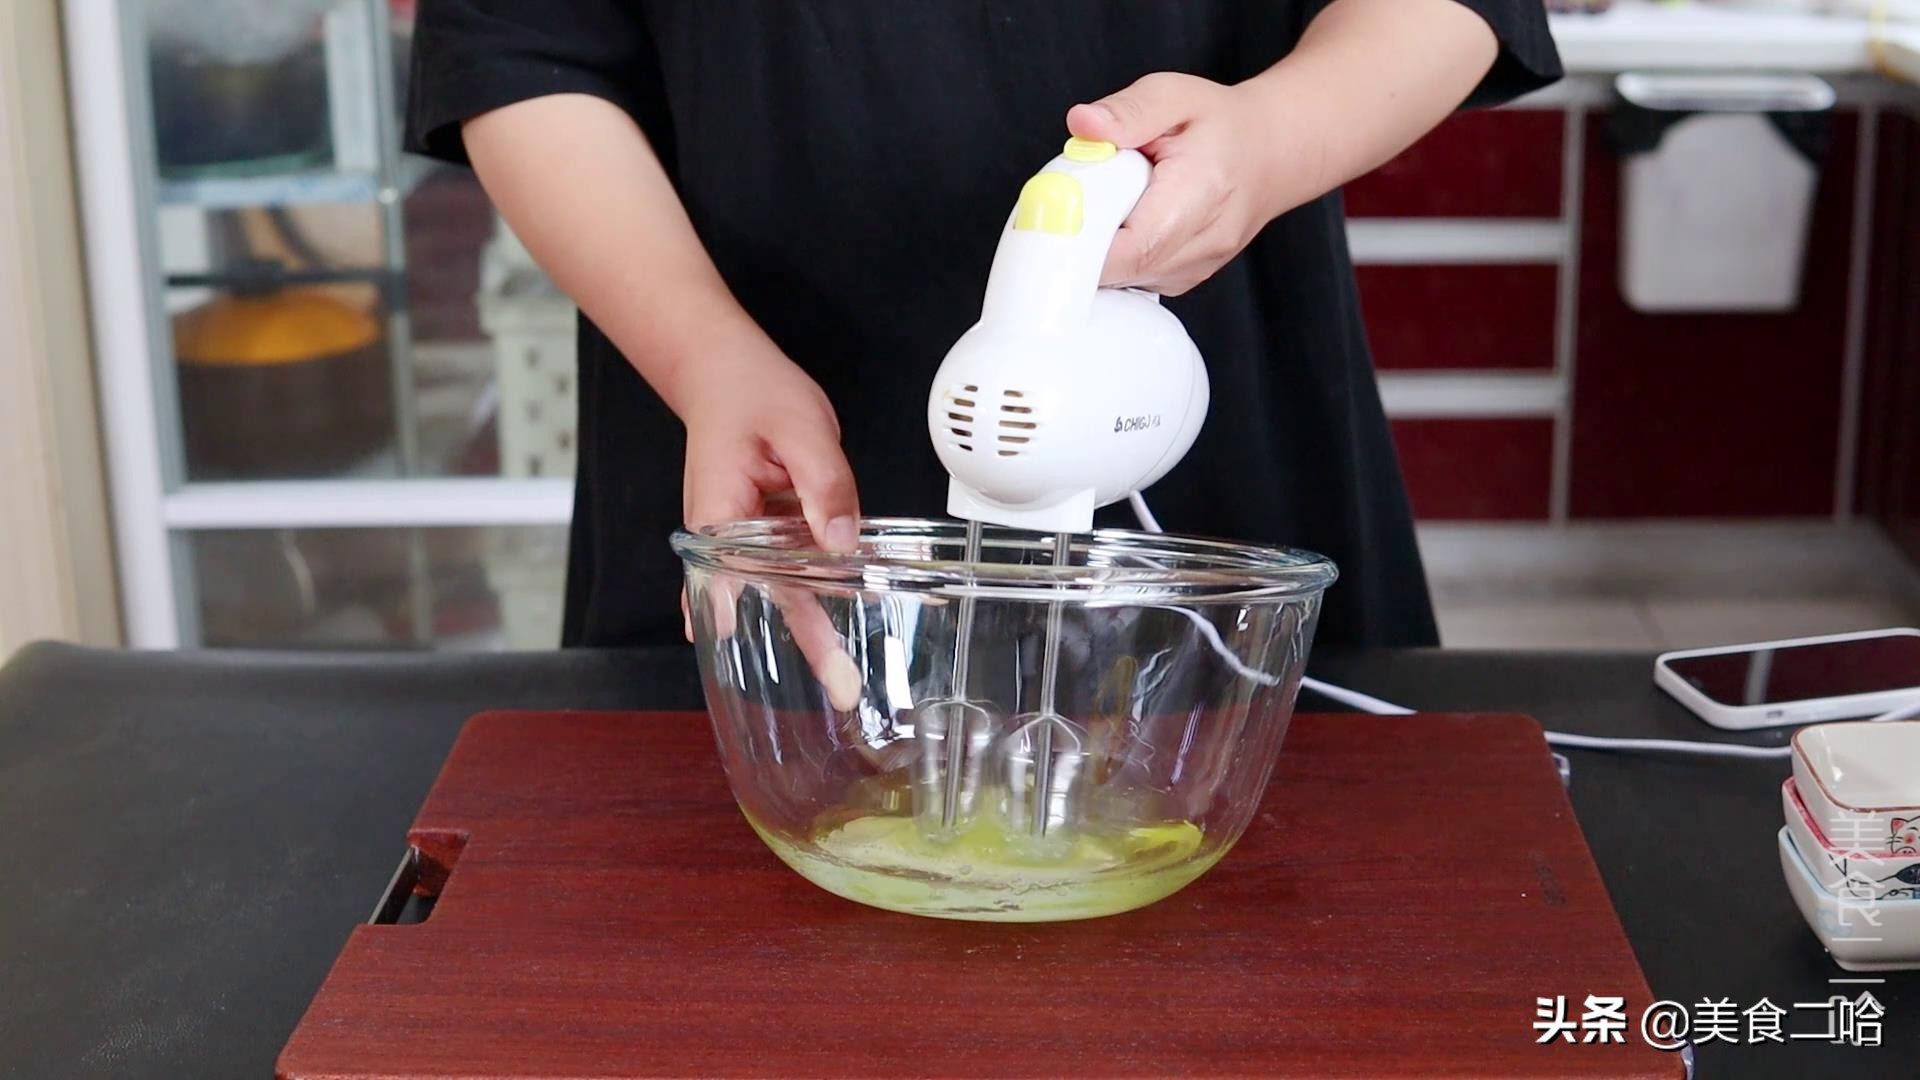 鸡蛋这个做法你可能没吃过,简单1变做成传统小吃,比云朵还要软 美食做法 第4张